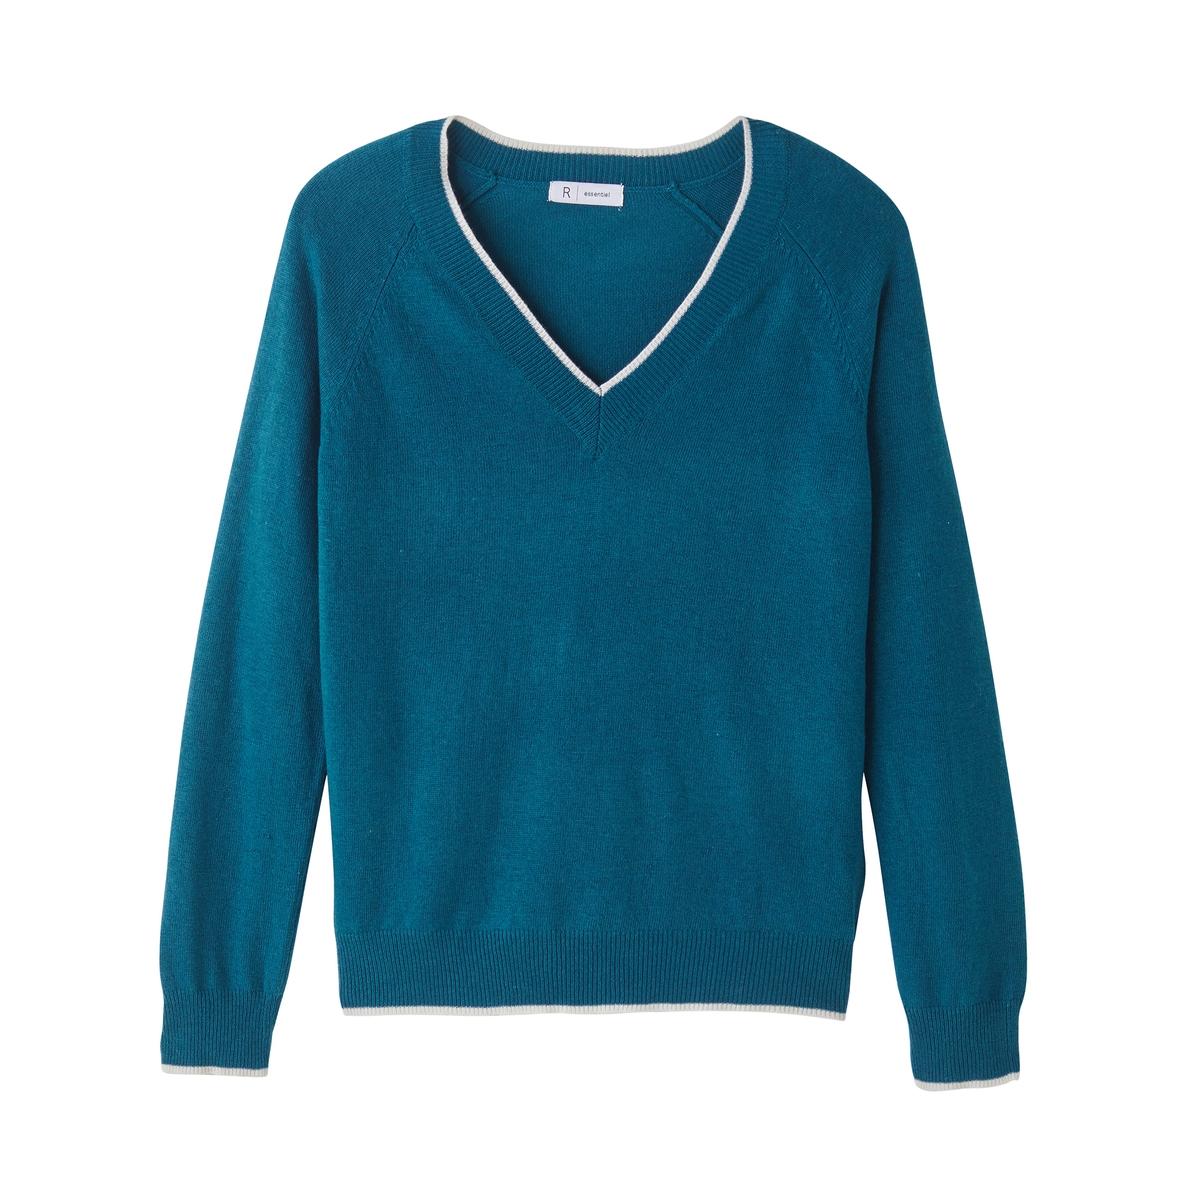 Пуловер шерстяной с контрастными краямиДетали •  Длинные рукава  •   V-образный вырез •  Тонкий трикотаж Состав и уход •  7% шерсти, 38% акрила, 55% полиамида •  Температура стирки 30° на деликатном режиме   •  Деликатный уход/ не отбеливать  •  Не использовать барабанную сушку   •  Низкая температура глажки<br><br>Цвет: кремовый,сине-зеленый,темно-бежевый,темно-синий<br>Размер: S.XL.XL.M.XXL.XXL.M.L.L.XXL.S.S.XL.L.M.XXL.M